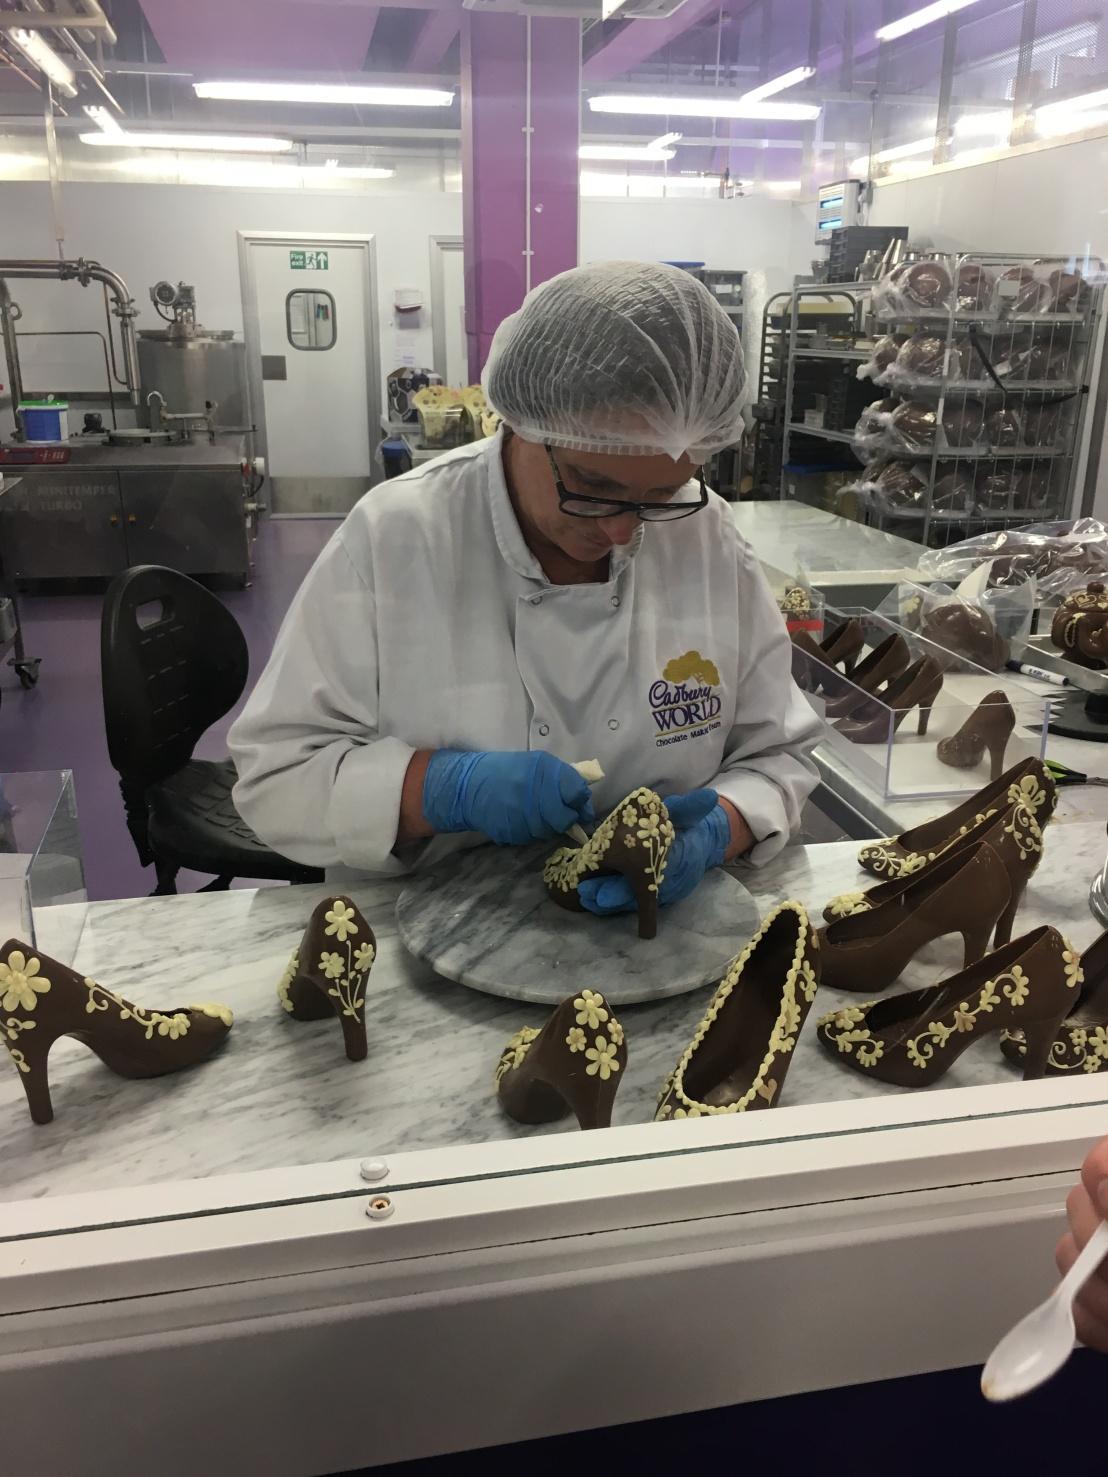 Cadbury World 26